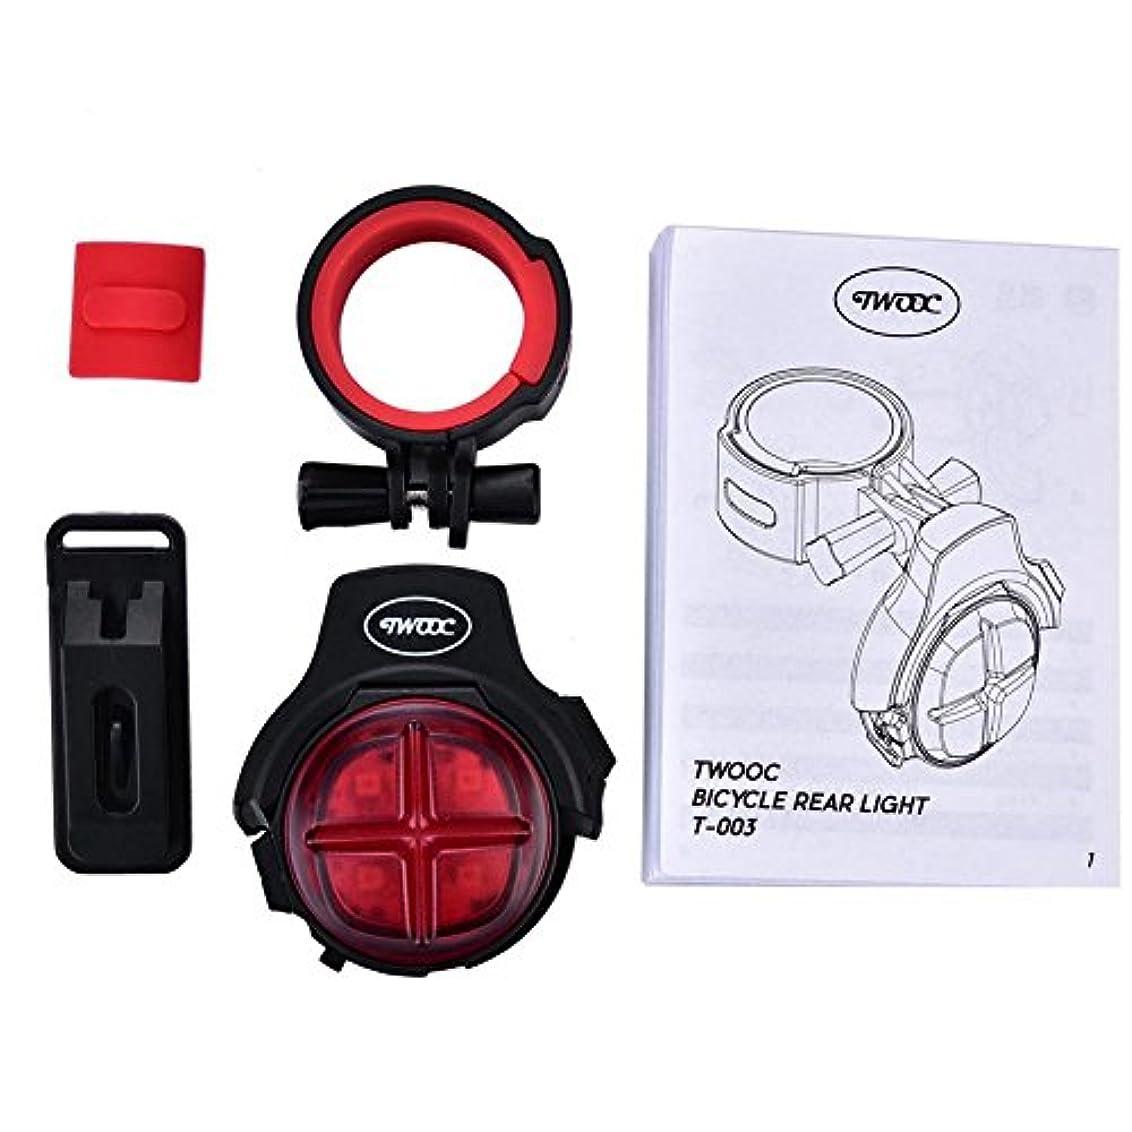 勤勉約設定兄汎用テールランプ ブレーキランプ 防水USB充電式 バイクLEDテールライト セーフティライト 自転車ライト リアサドルランプテール安全警告ライトナイトライディングアクセサリー